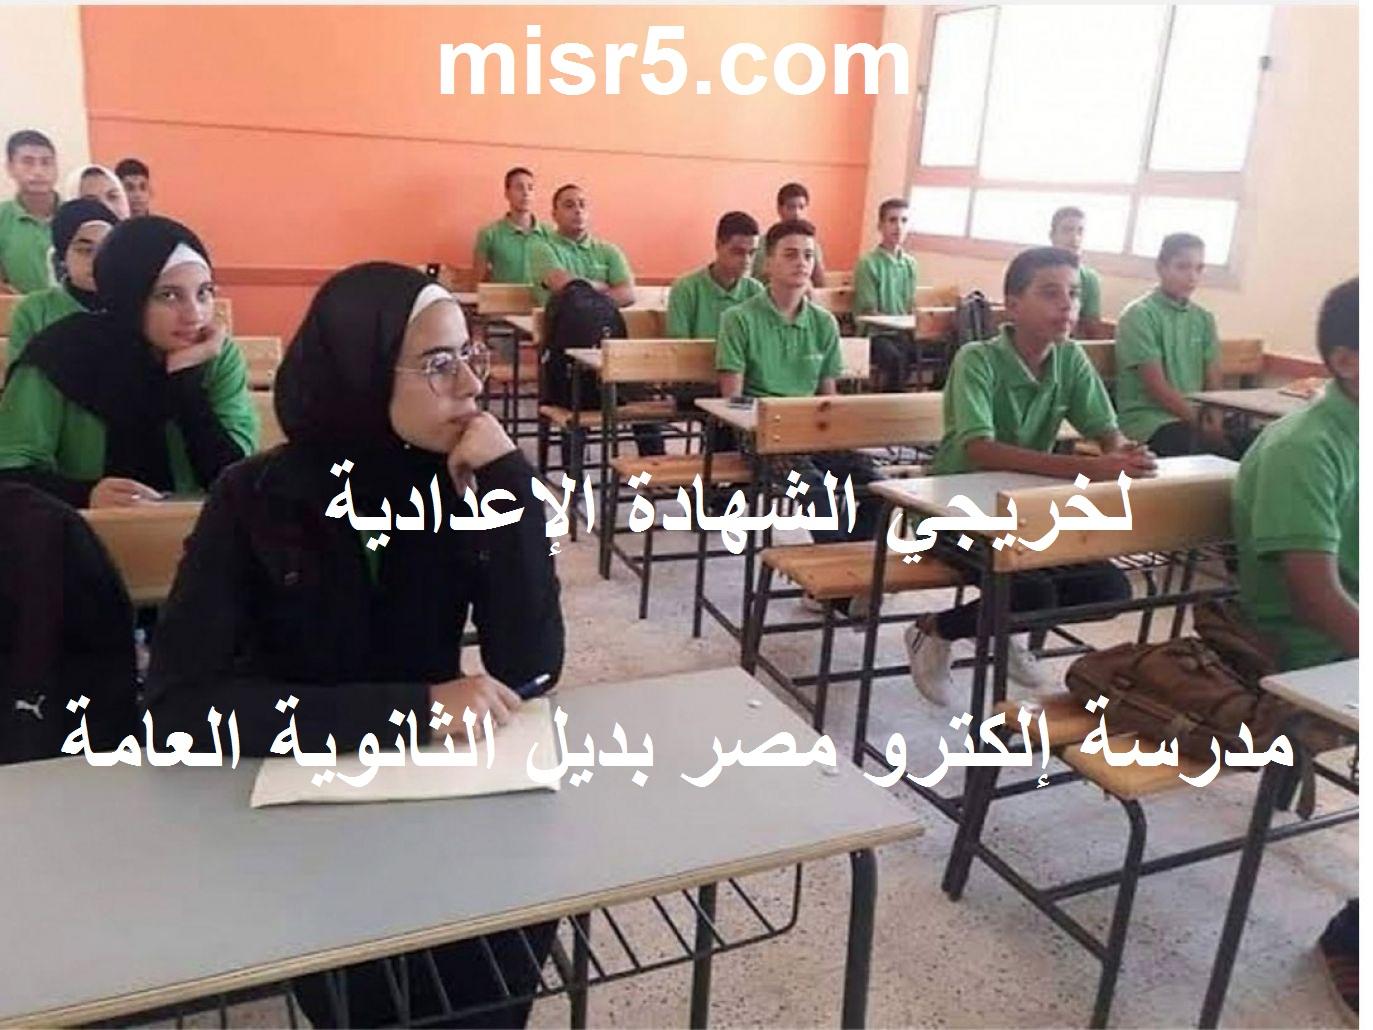 بالشهادة الإعدادية.. مدرسة إلكترو مصر الأولى في الصيانة الكهربائية باعتماد فرنسي وشروط القبول